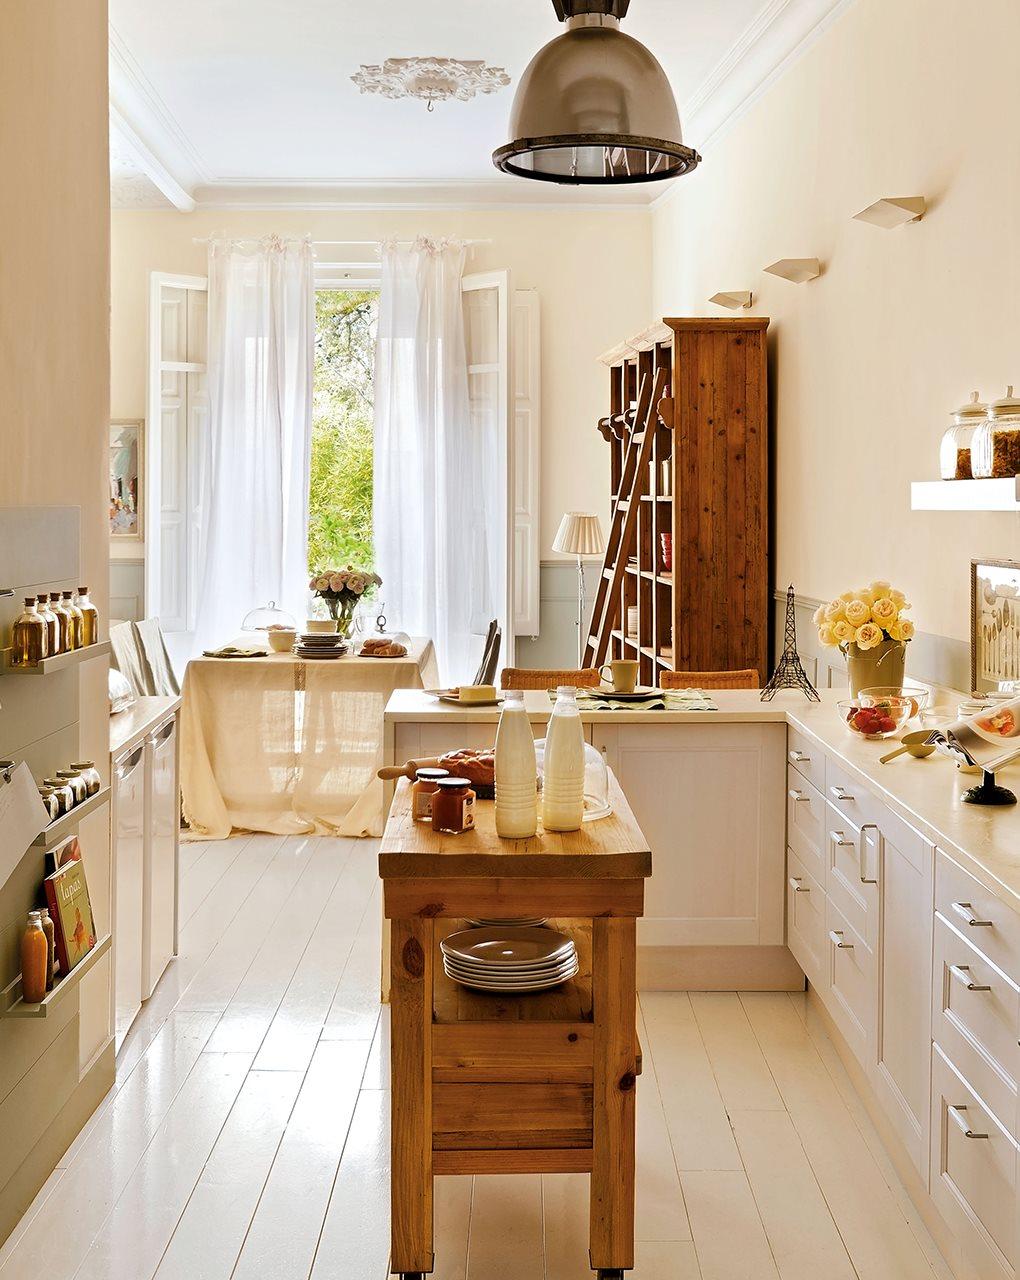 3 cocinas abiertas muy bien integradas - Cocinas con islas pequenas ...